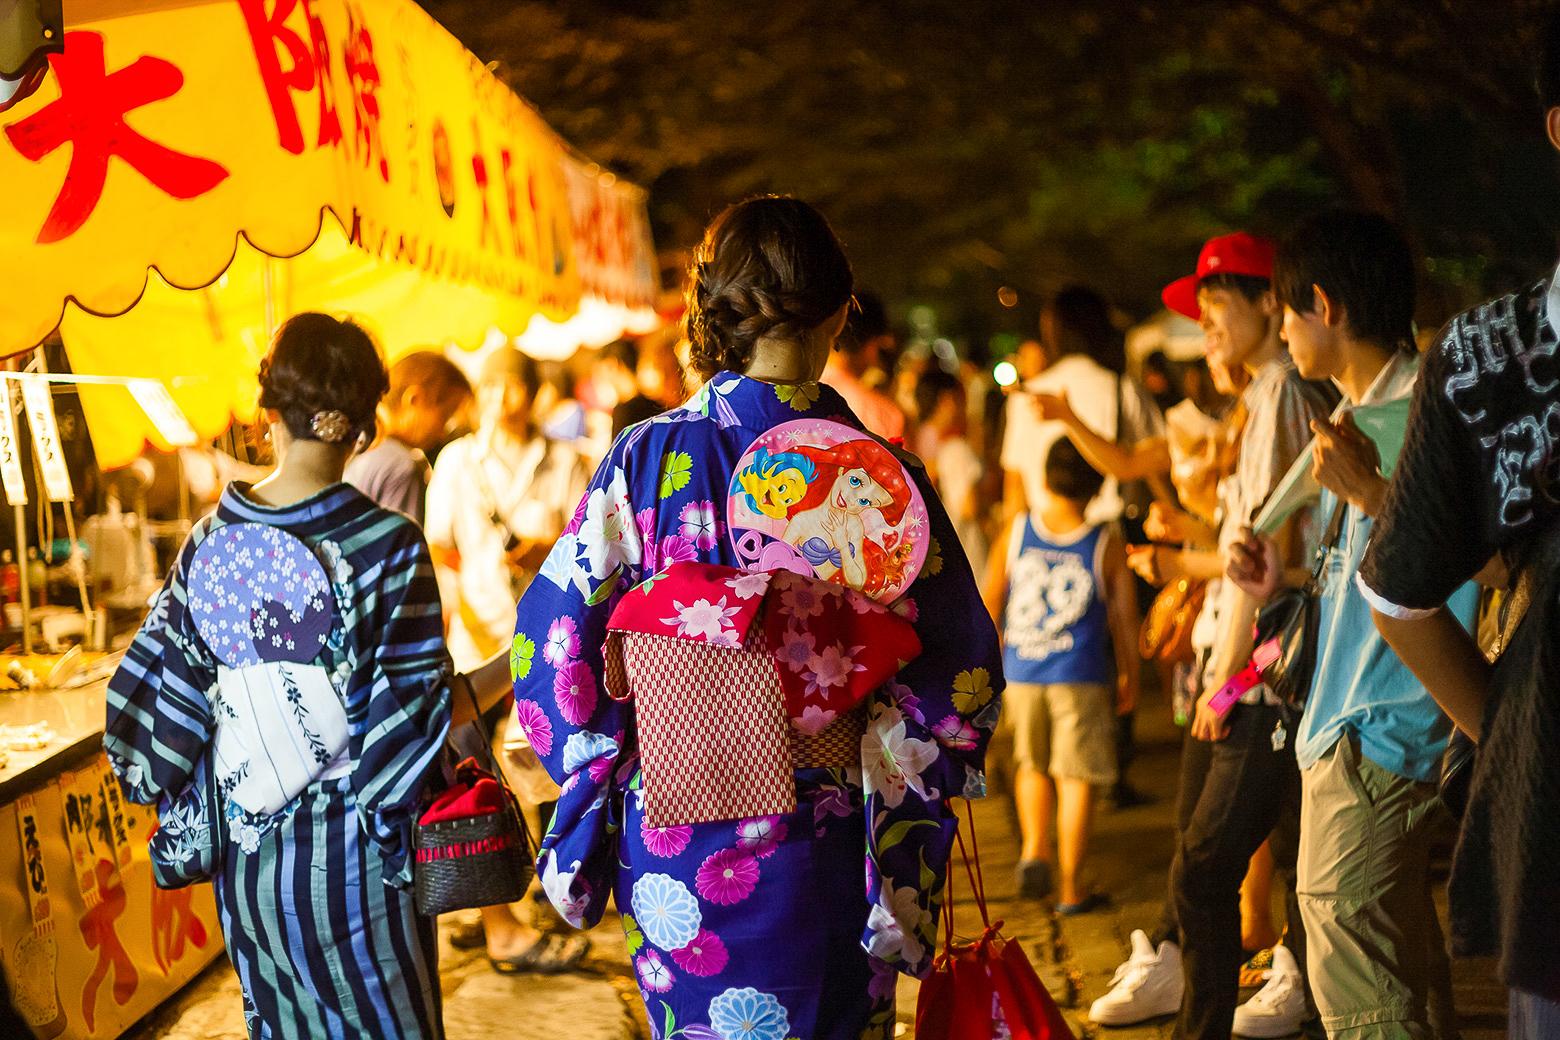 Women wearing the yukata during the matsuri at night